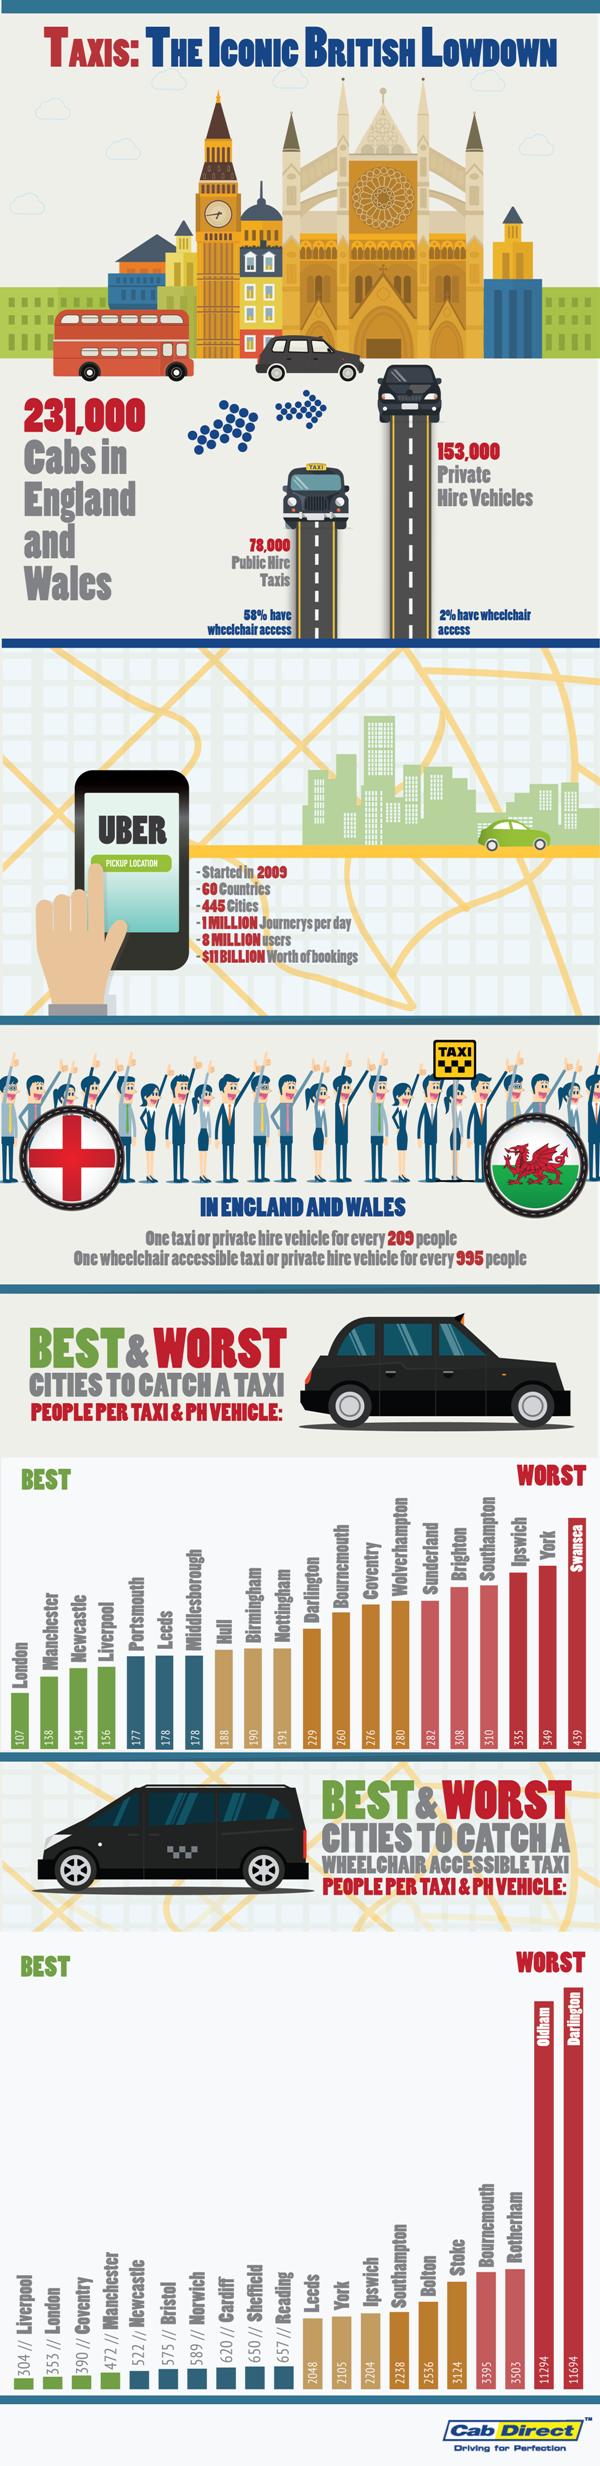 UK Cab Availibility